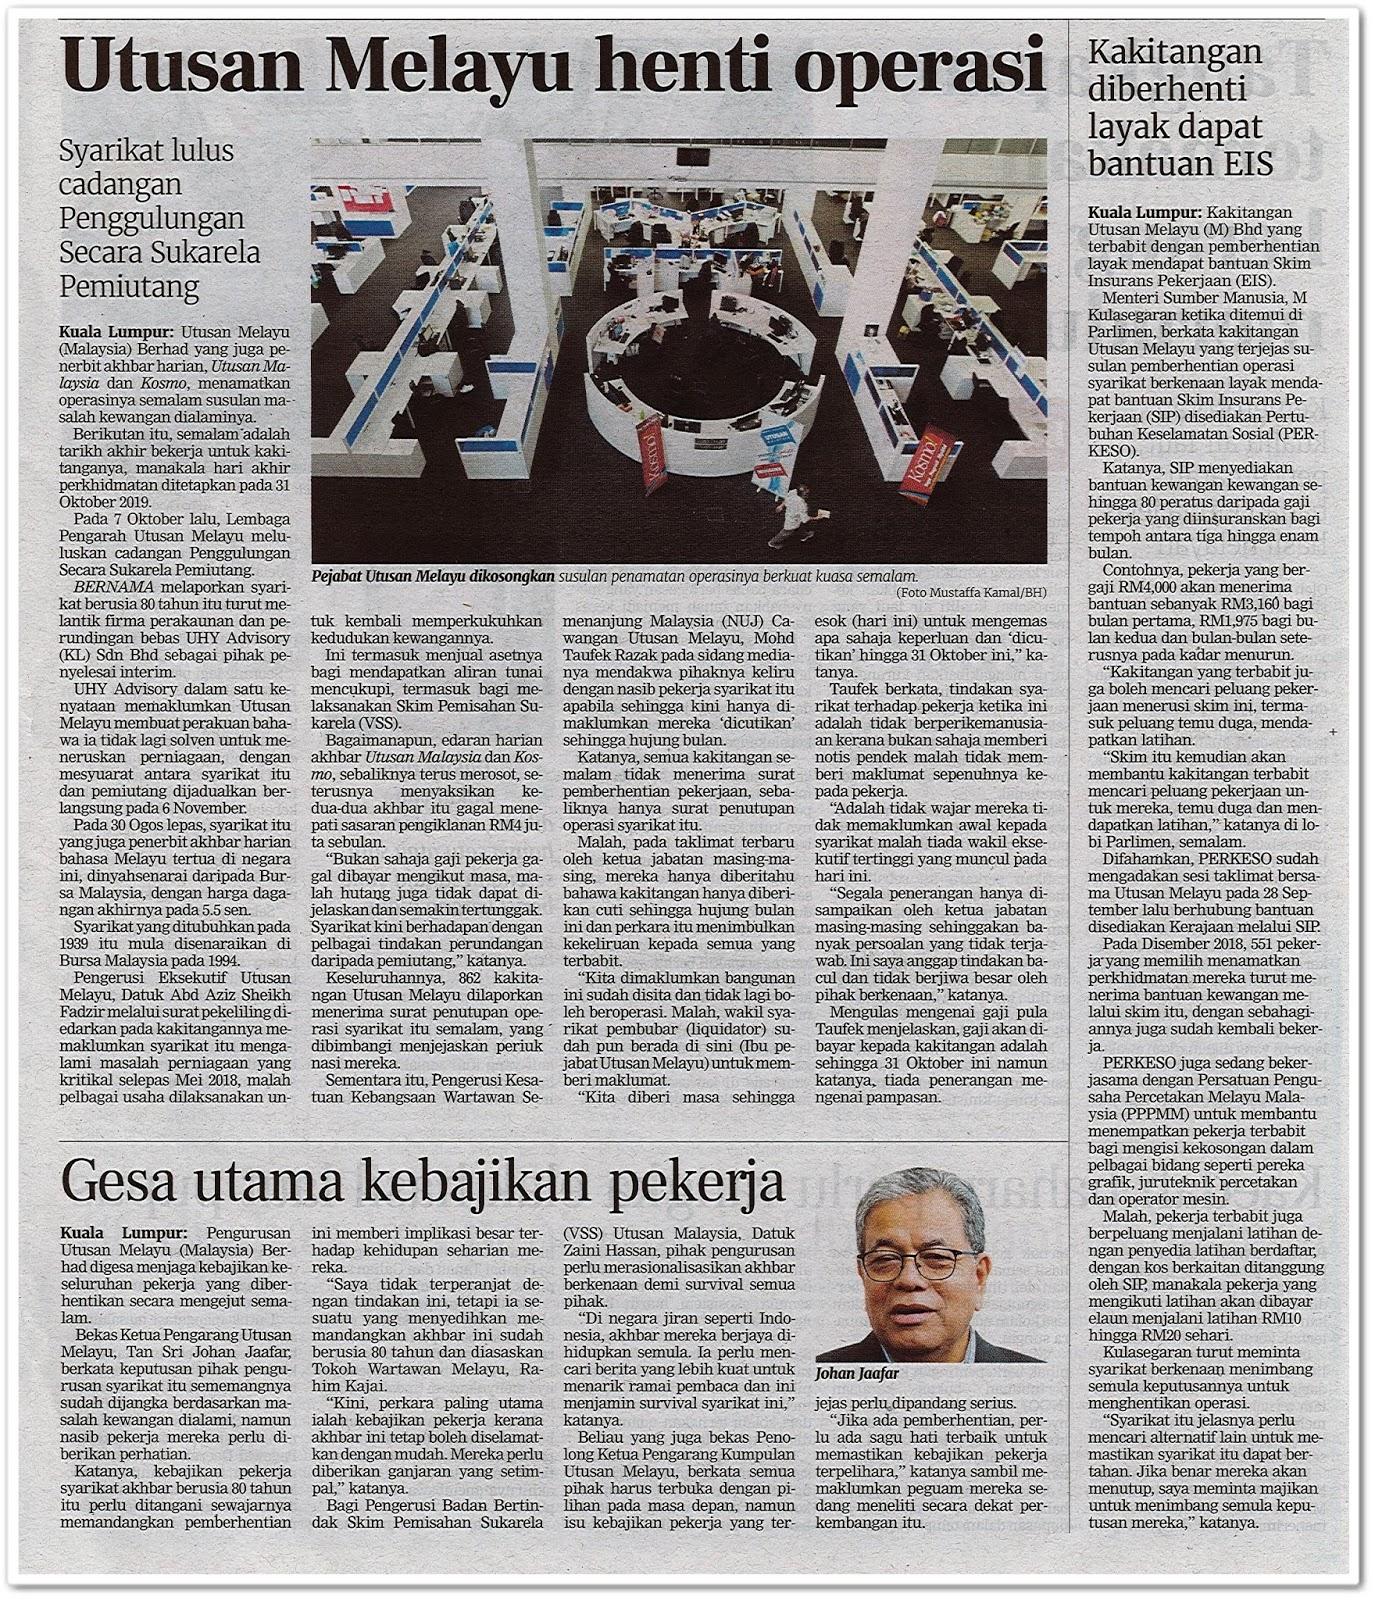 Utusan Melayu henti operasi - Keratan akhbar Berita Harian 10 Oktober 2019